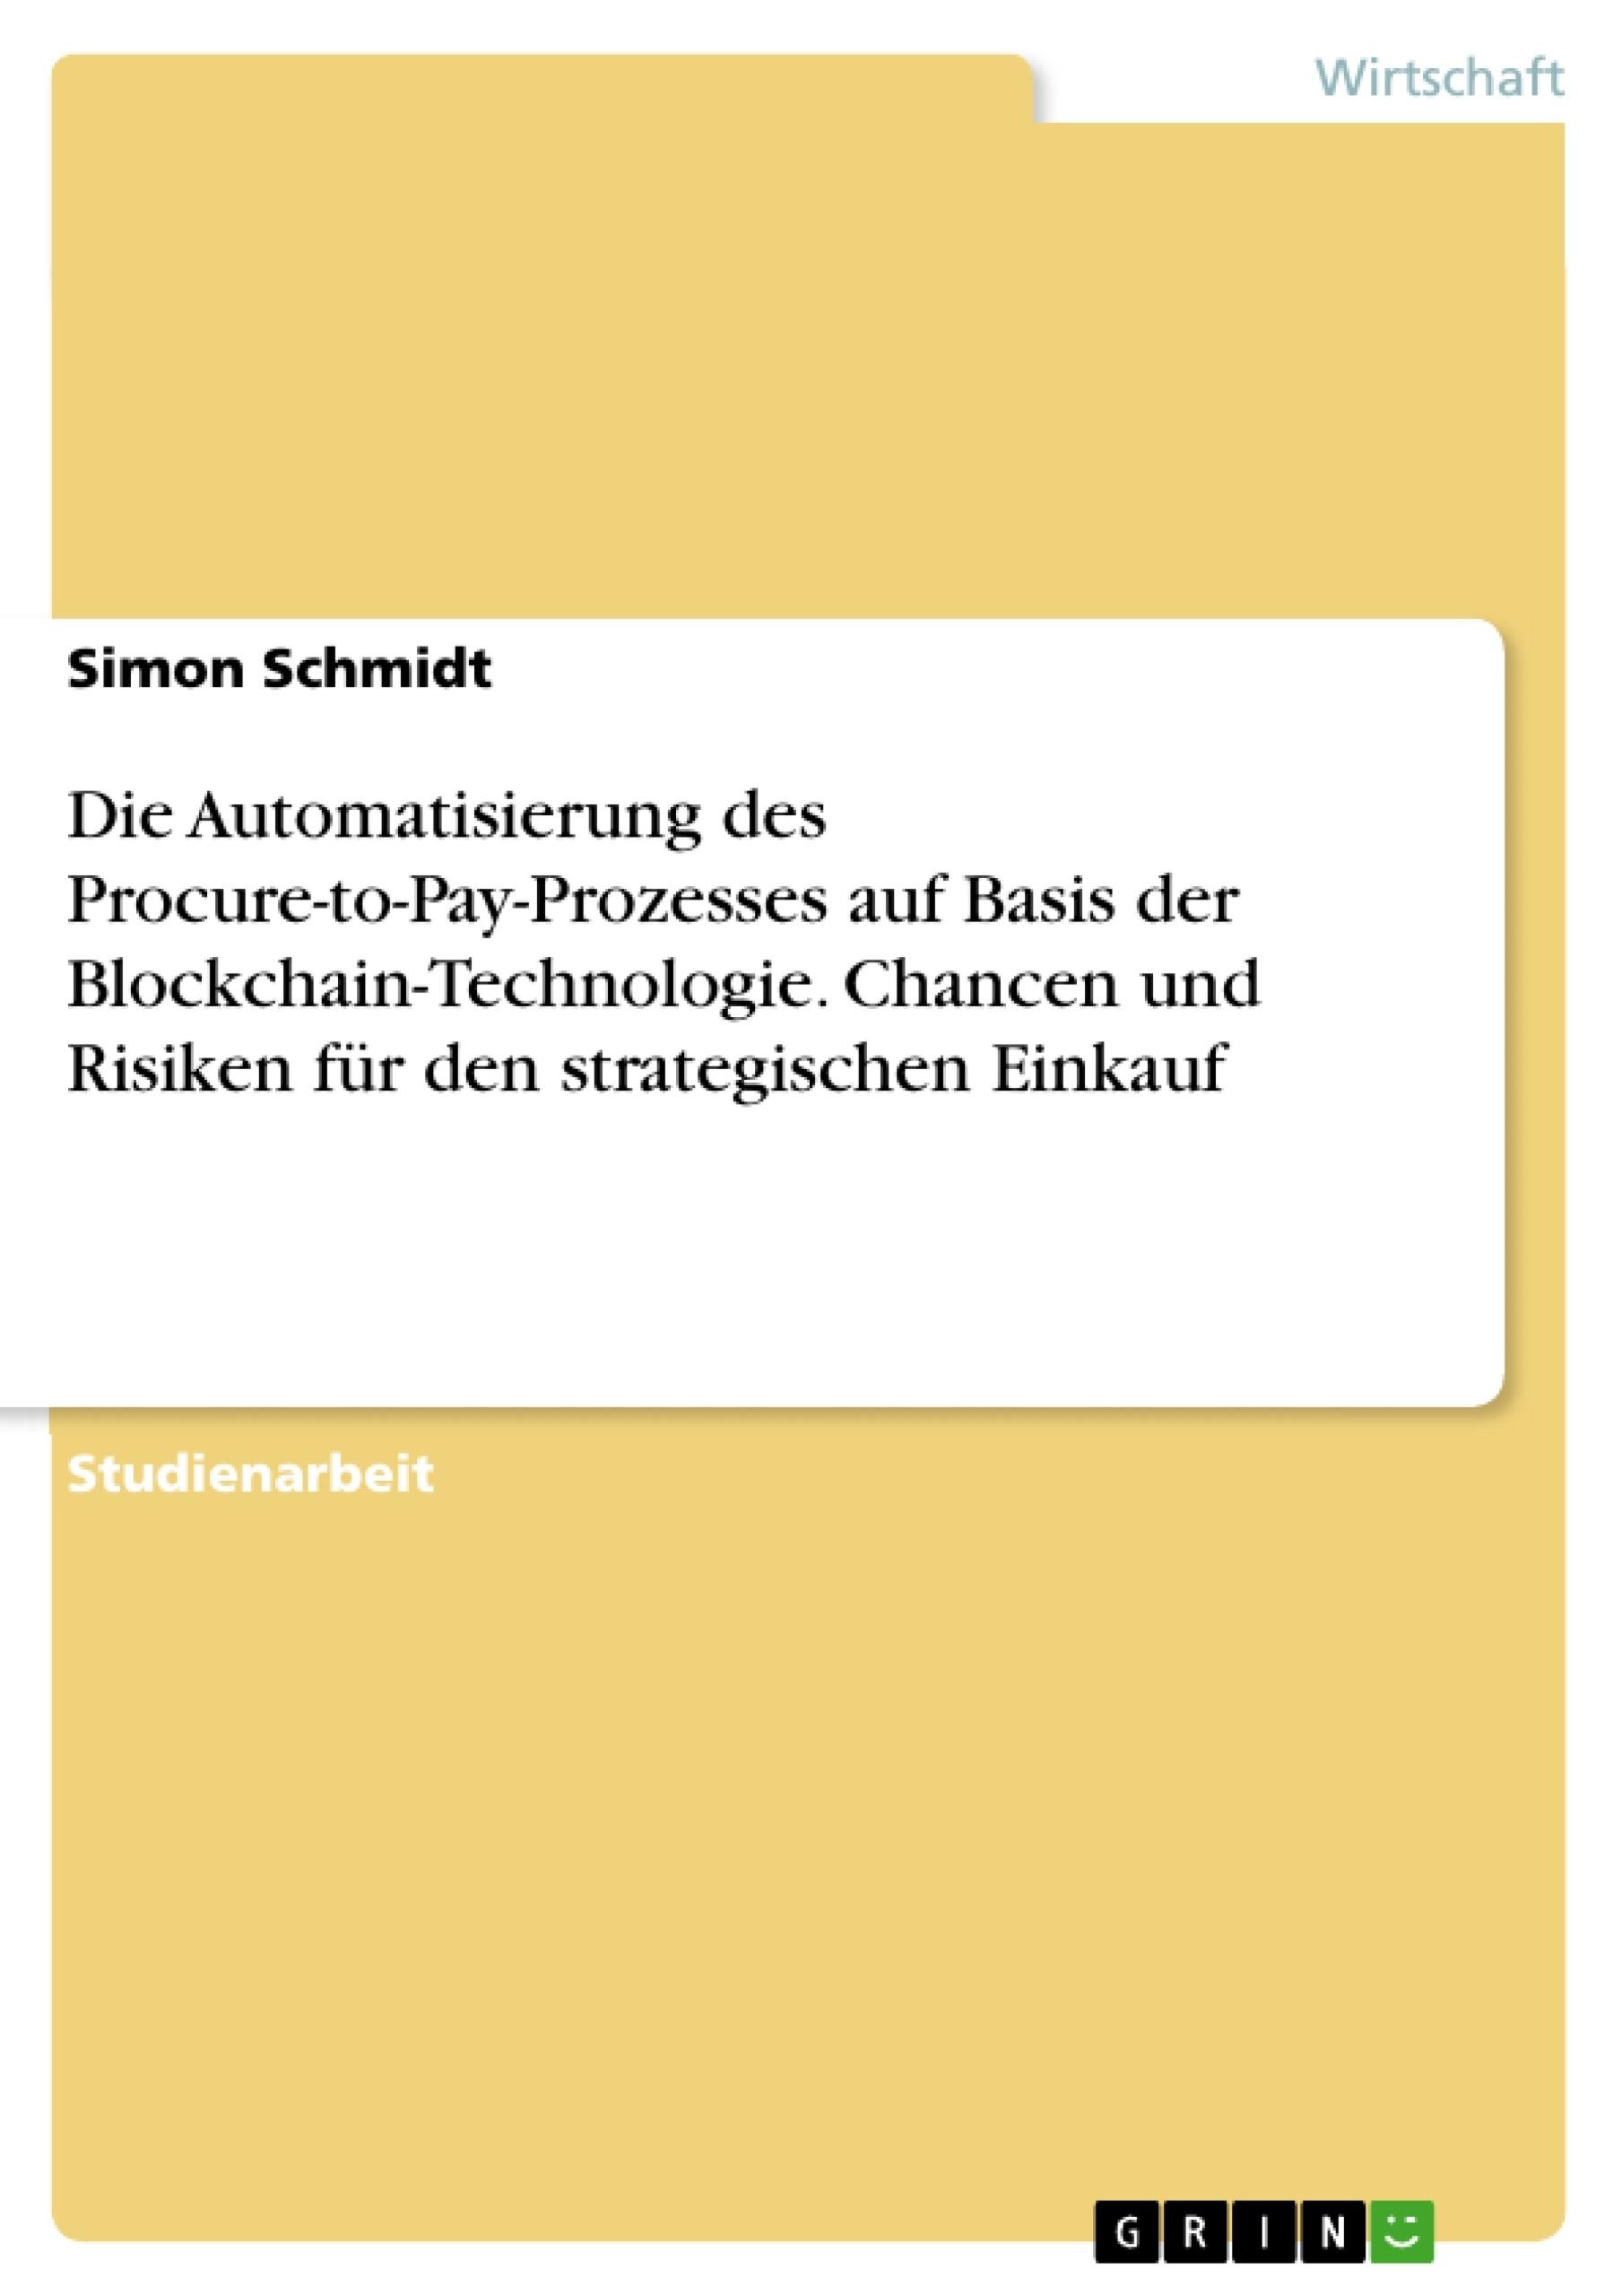 Titel: Die Automatisierung des Procure-to-Pay-Prozesses auf Basis der Blockchain-Technologie. Chancen und Risiken für den strategischen Einkauf